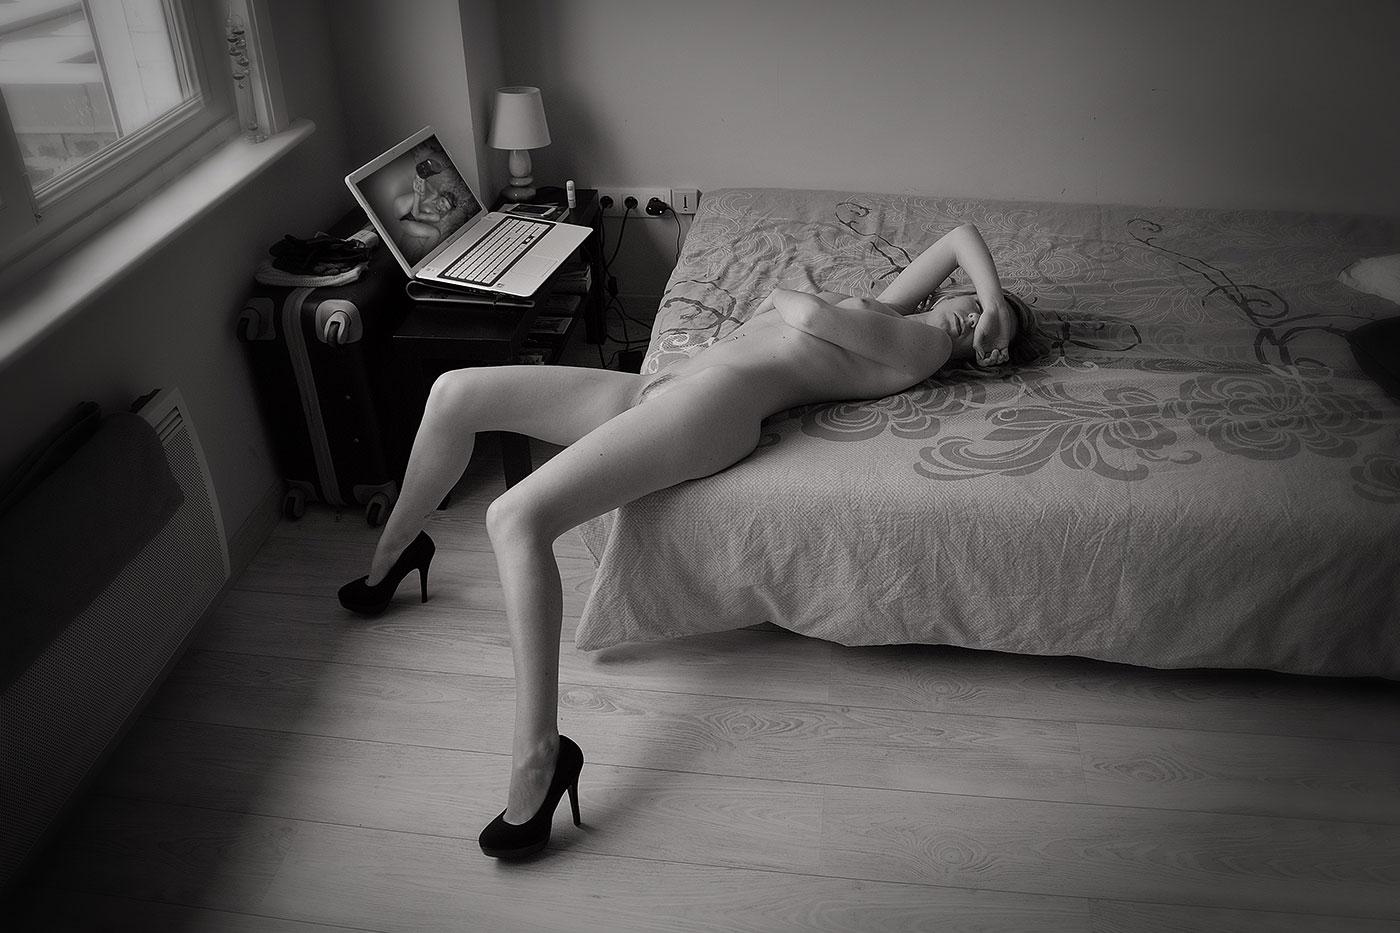 femme nue allongée avec haut talons